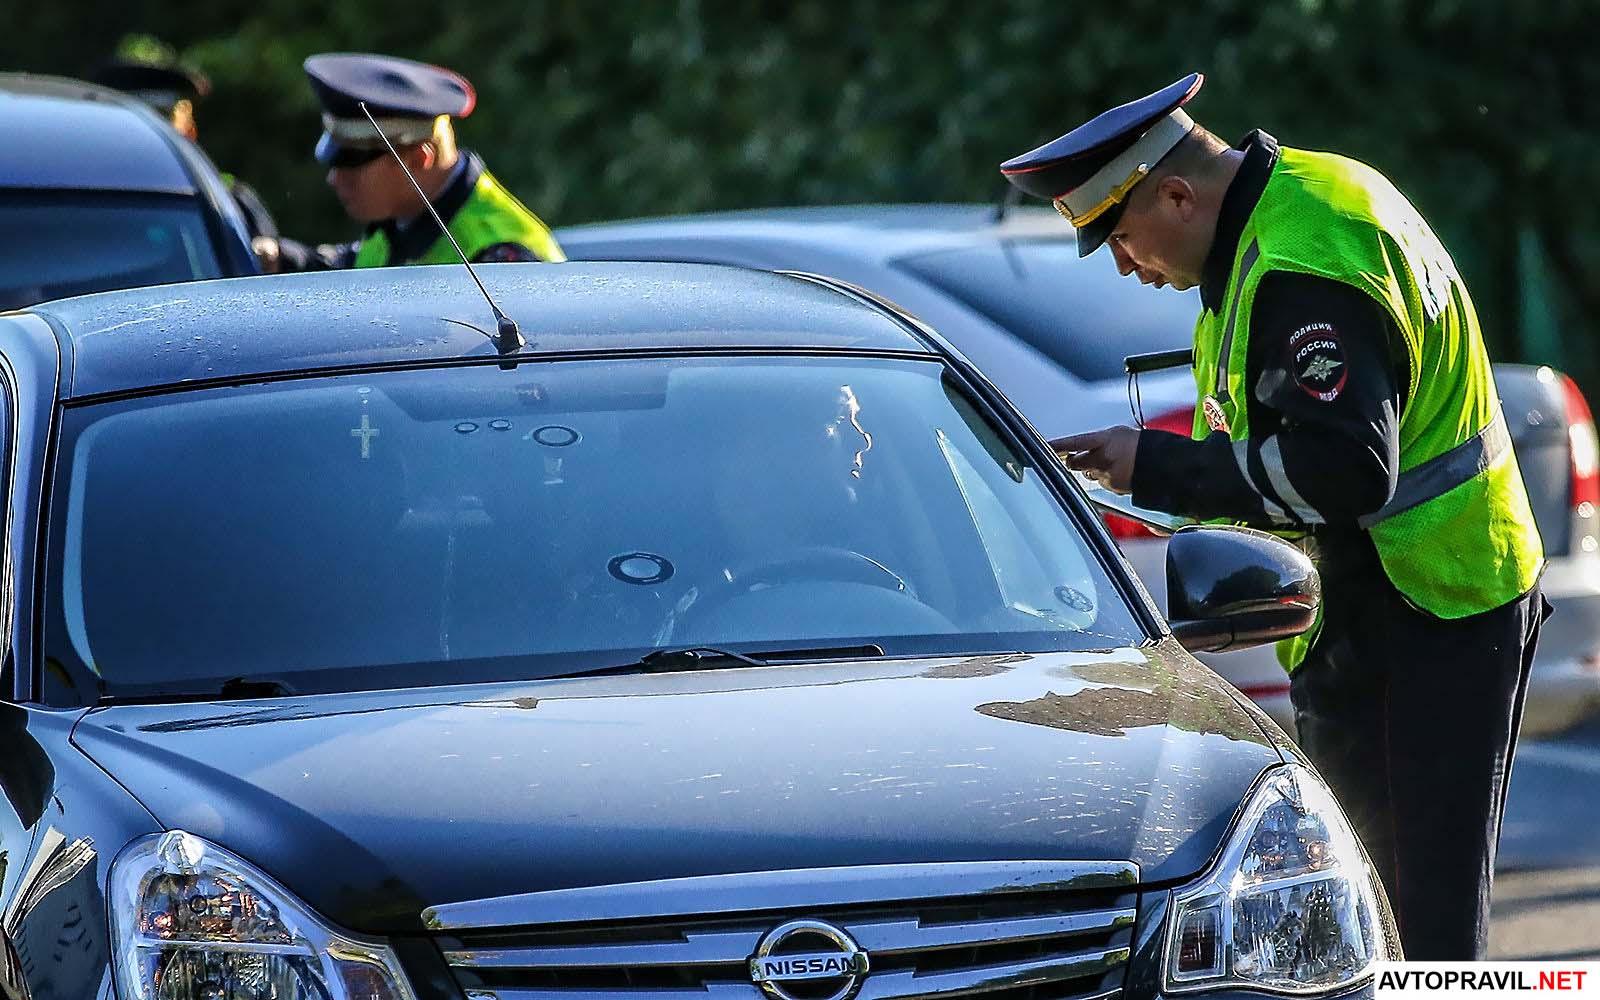 Инспектор Гибдд беседует с водителем в машине